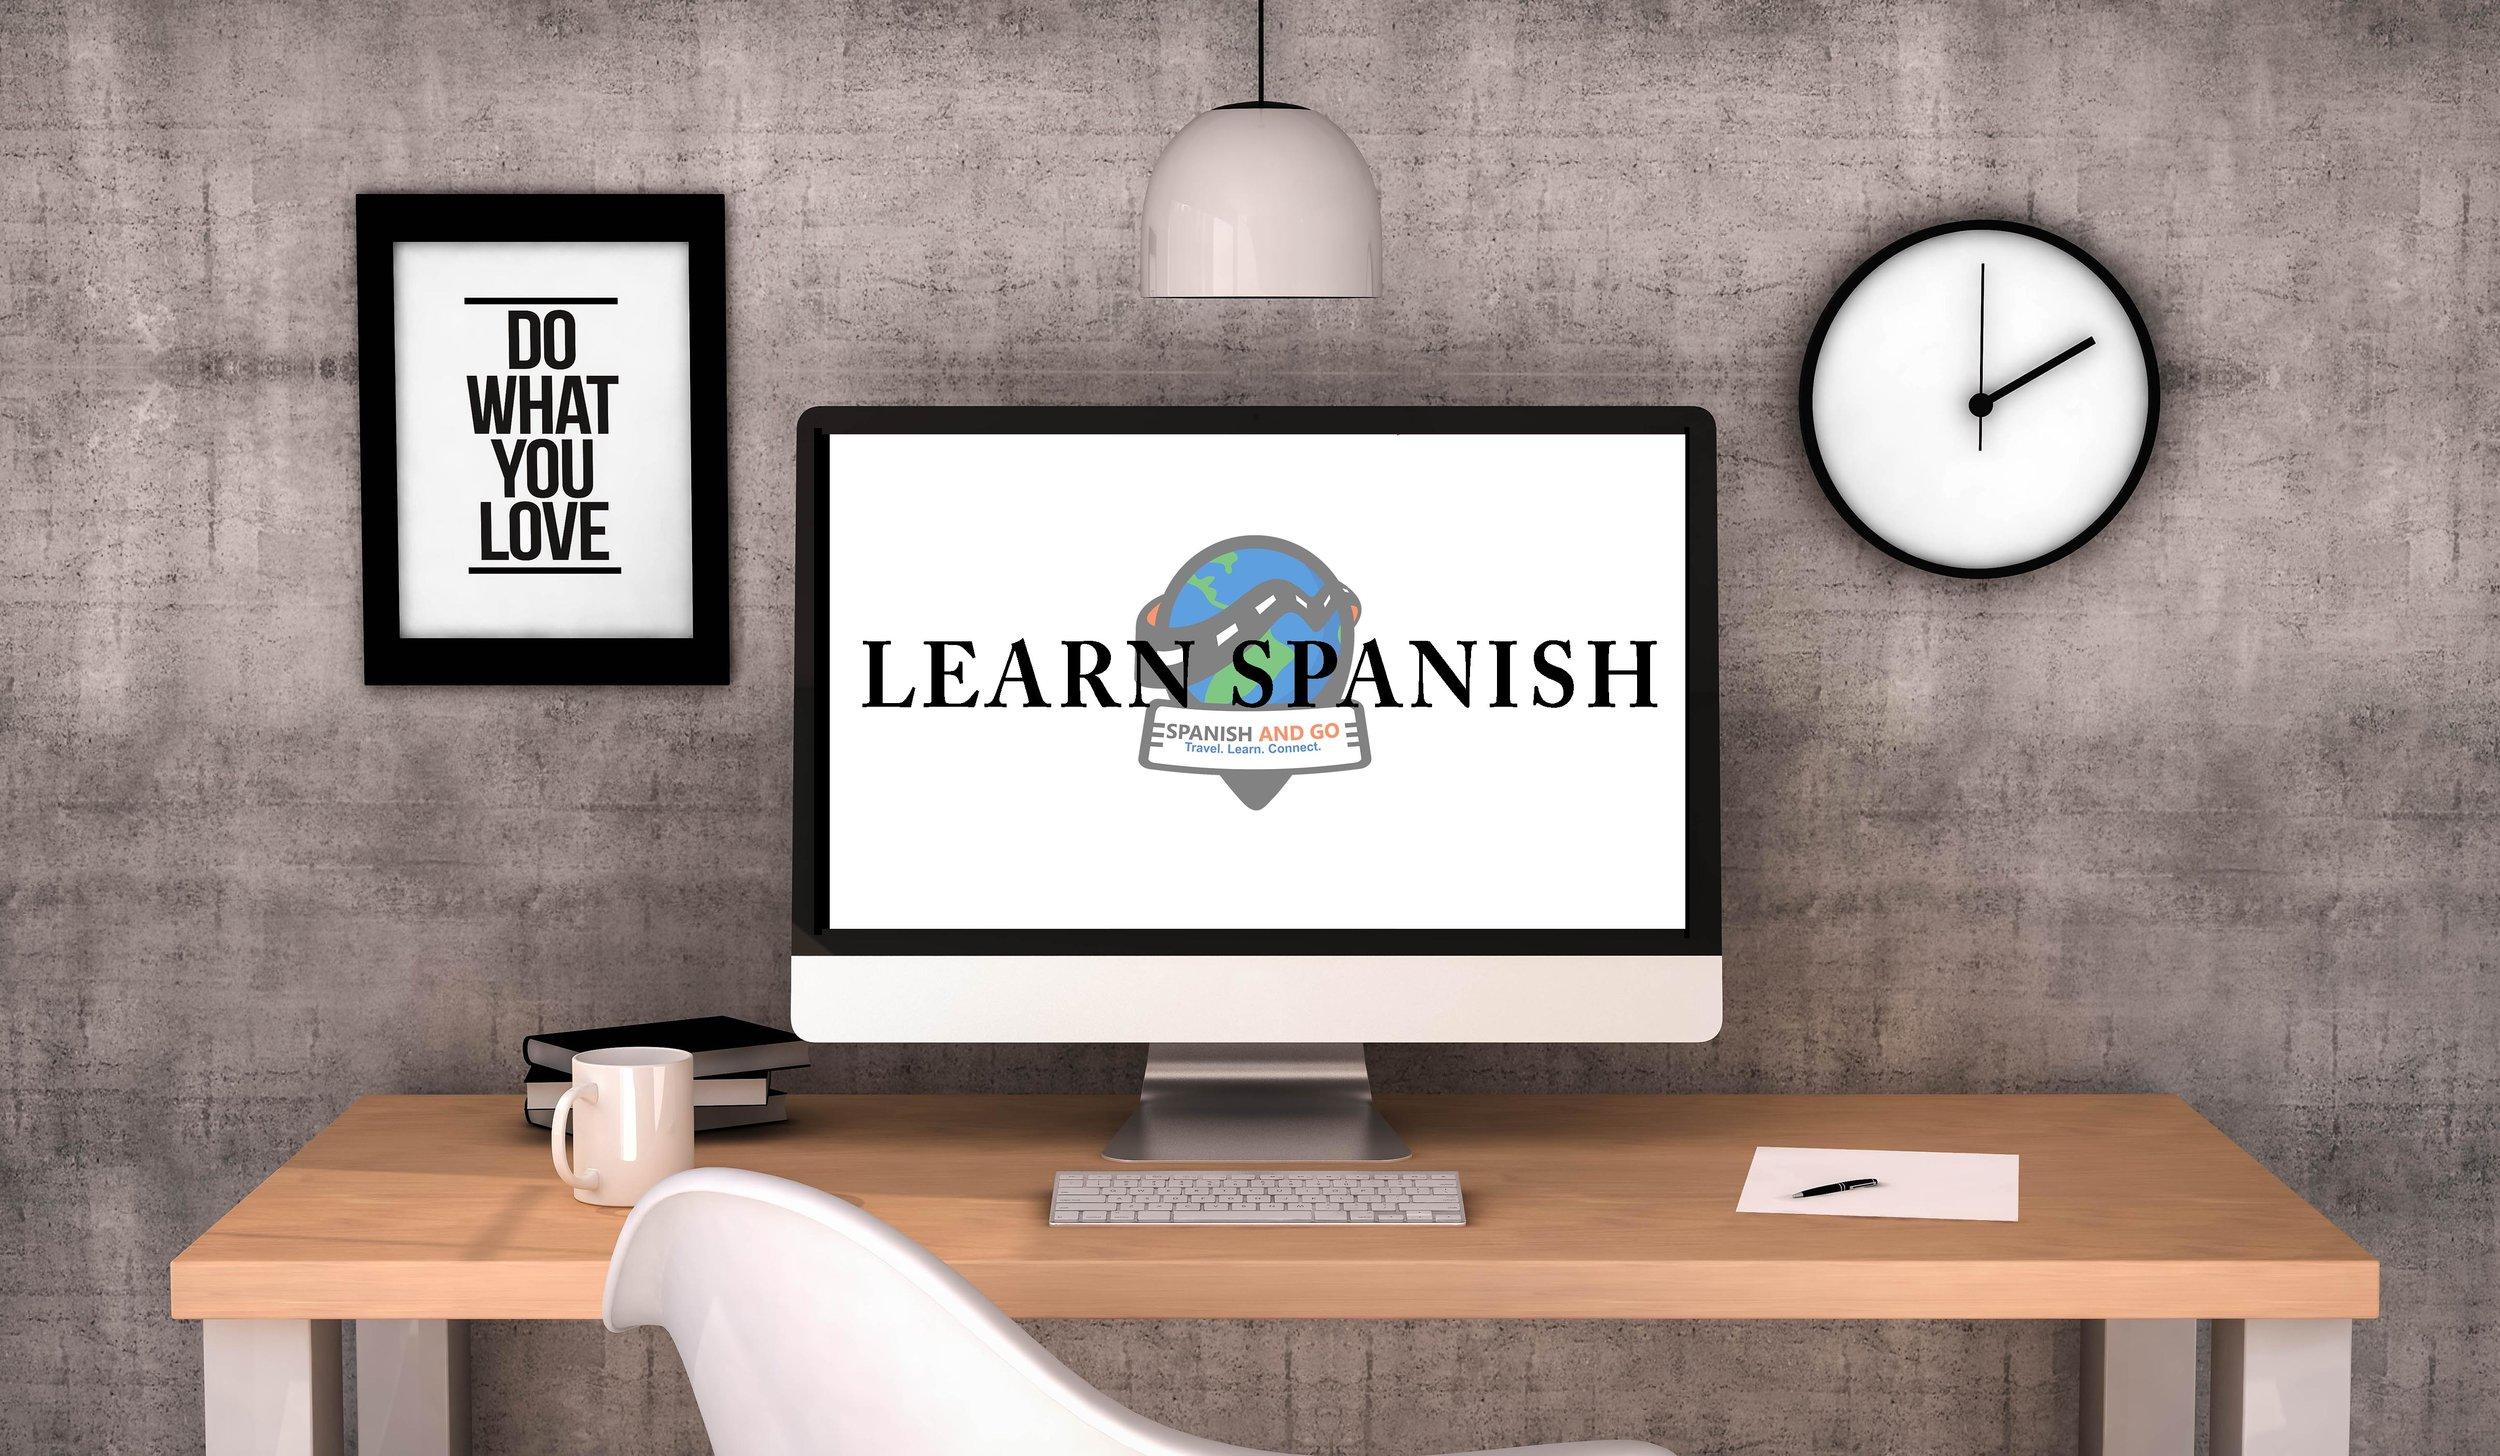 Learn_Spanish_AdobeStock.jpg